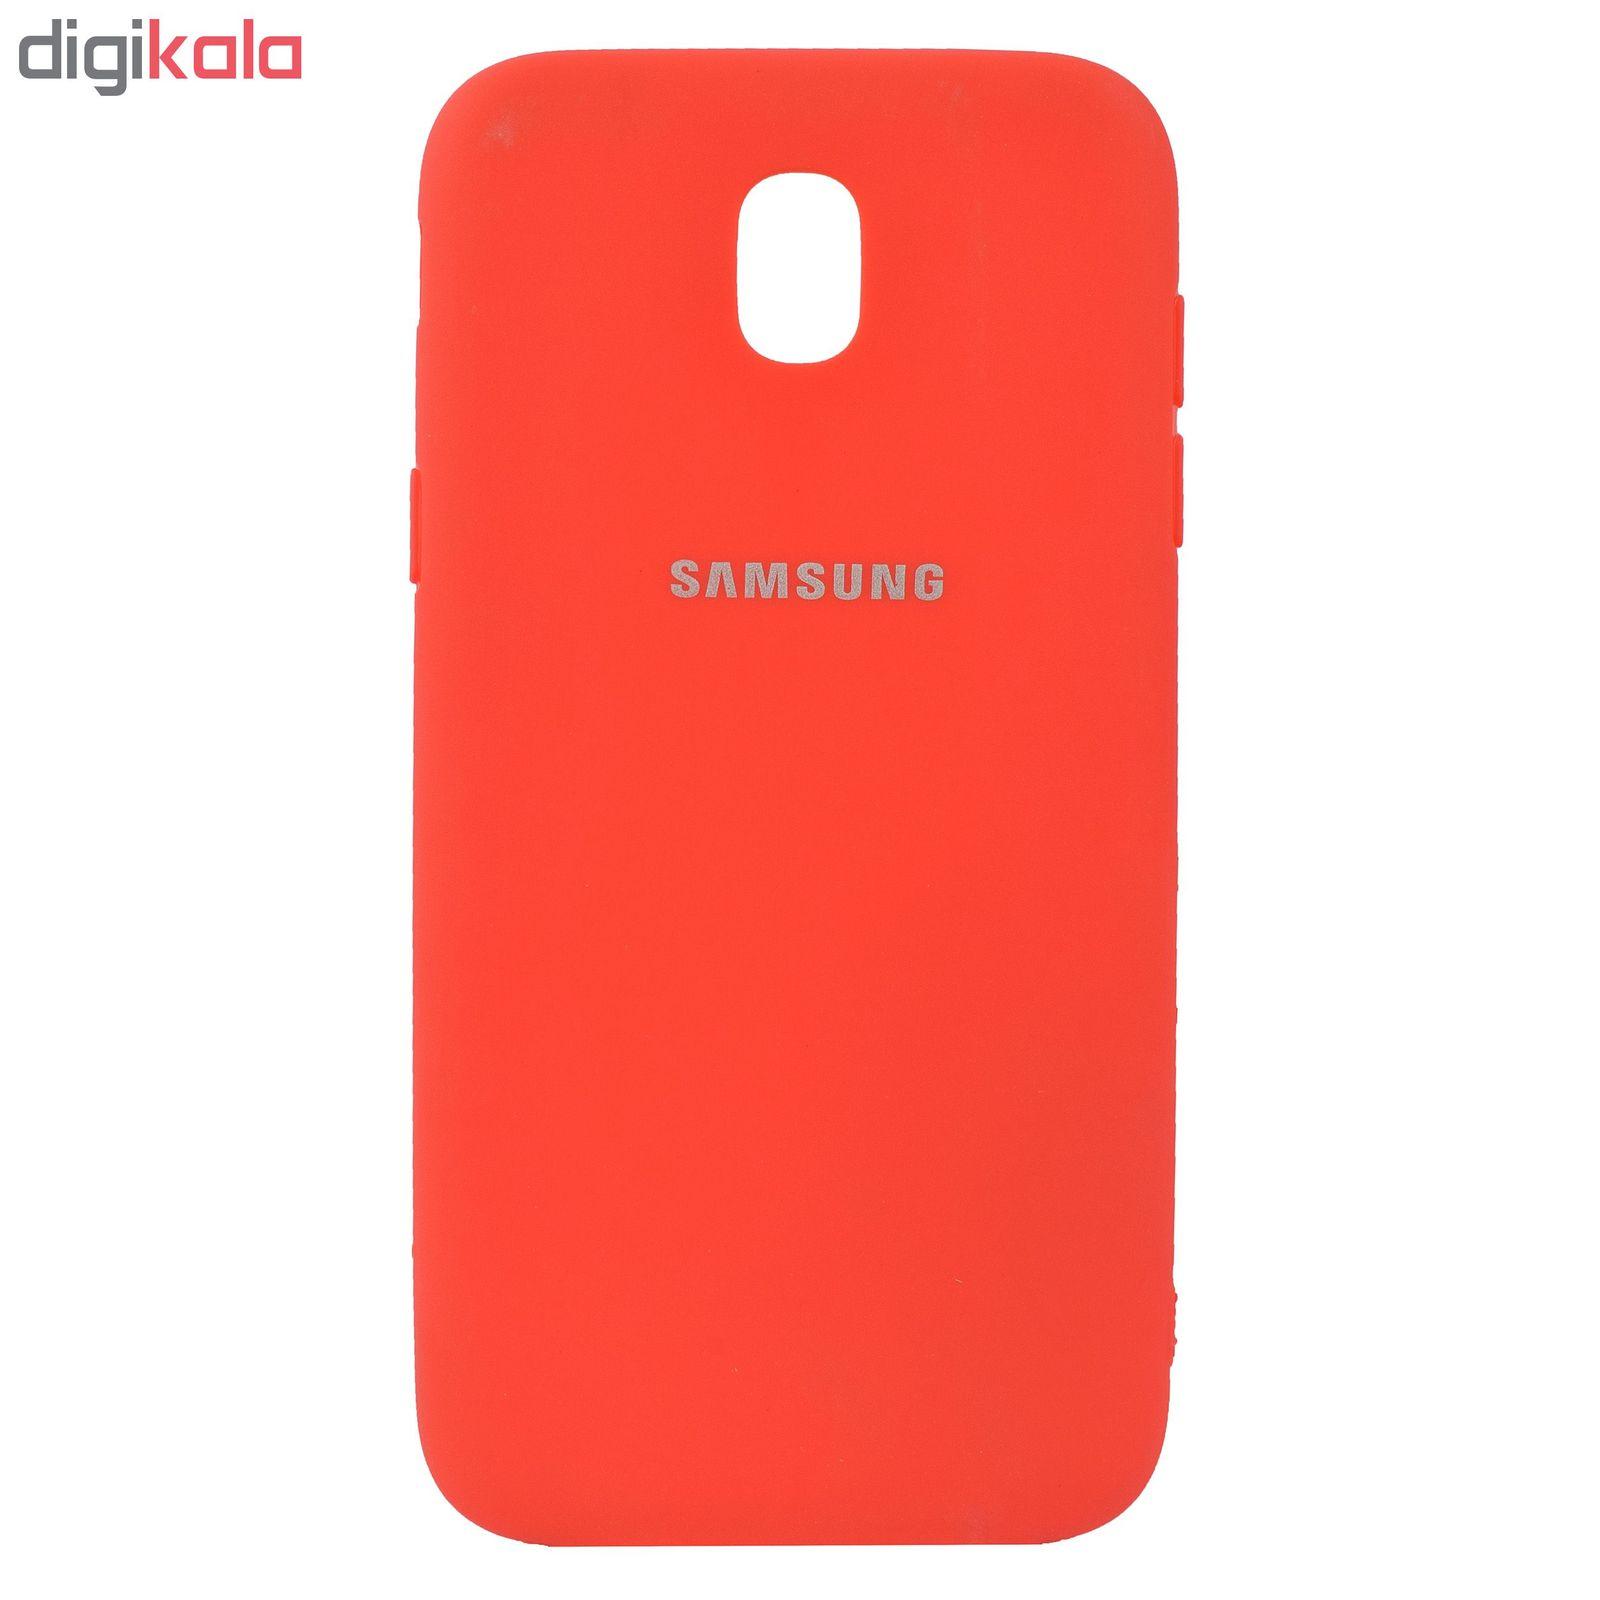 کاور مدل SC20 مناسب برای گوشی موبایل سامسونگ Galaxy J7 Pro / J730 main 1 3